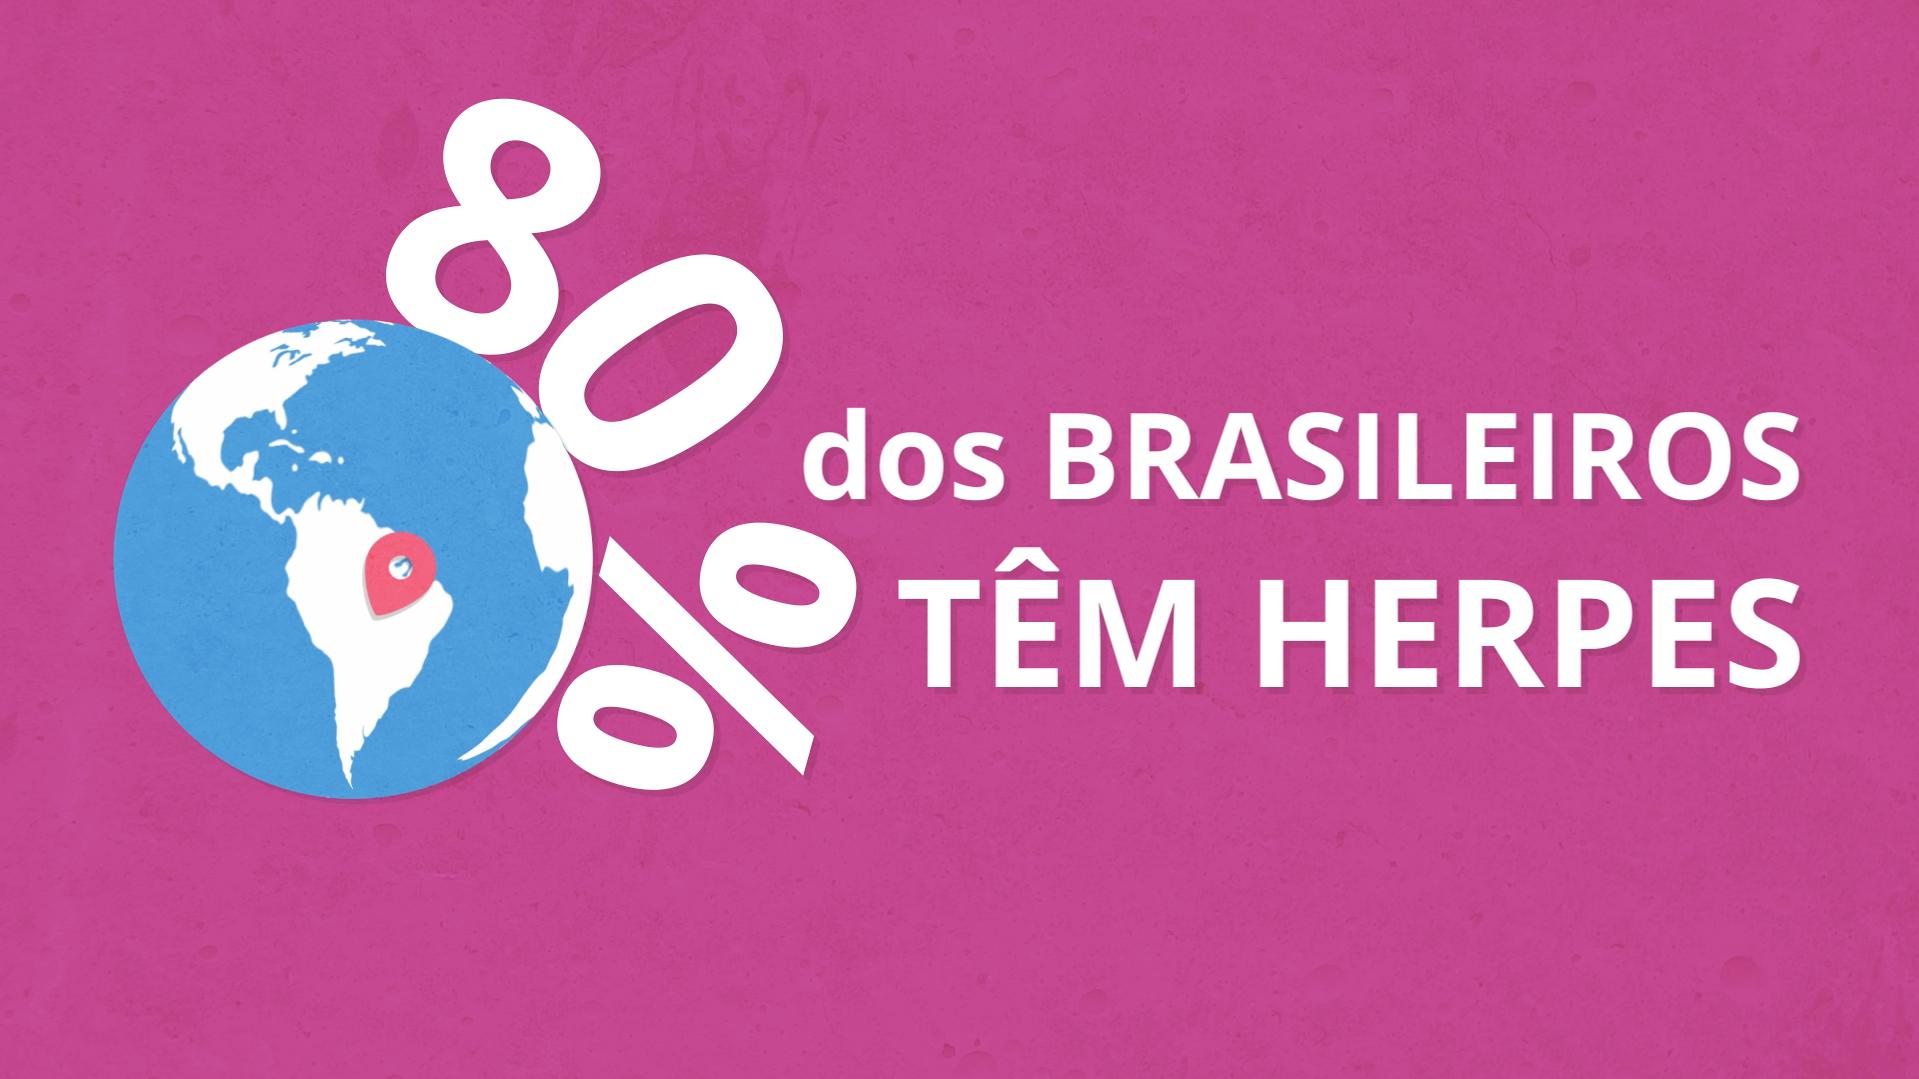 80% dos brasileiros têm herpes